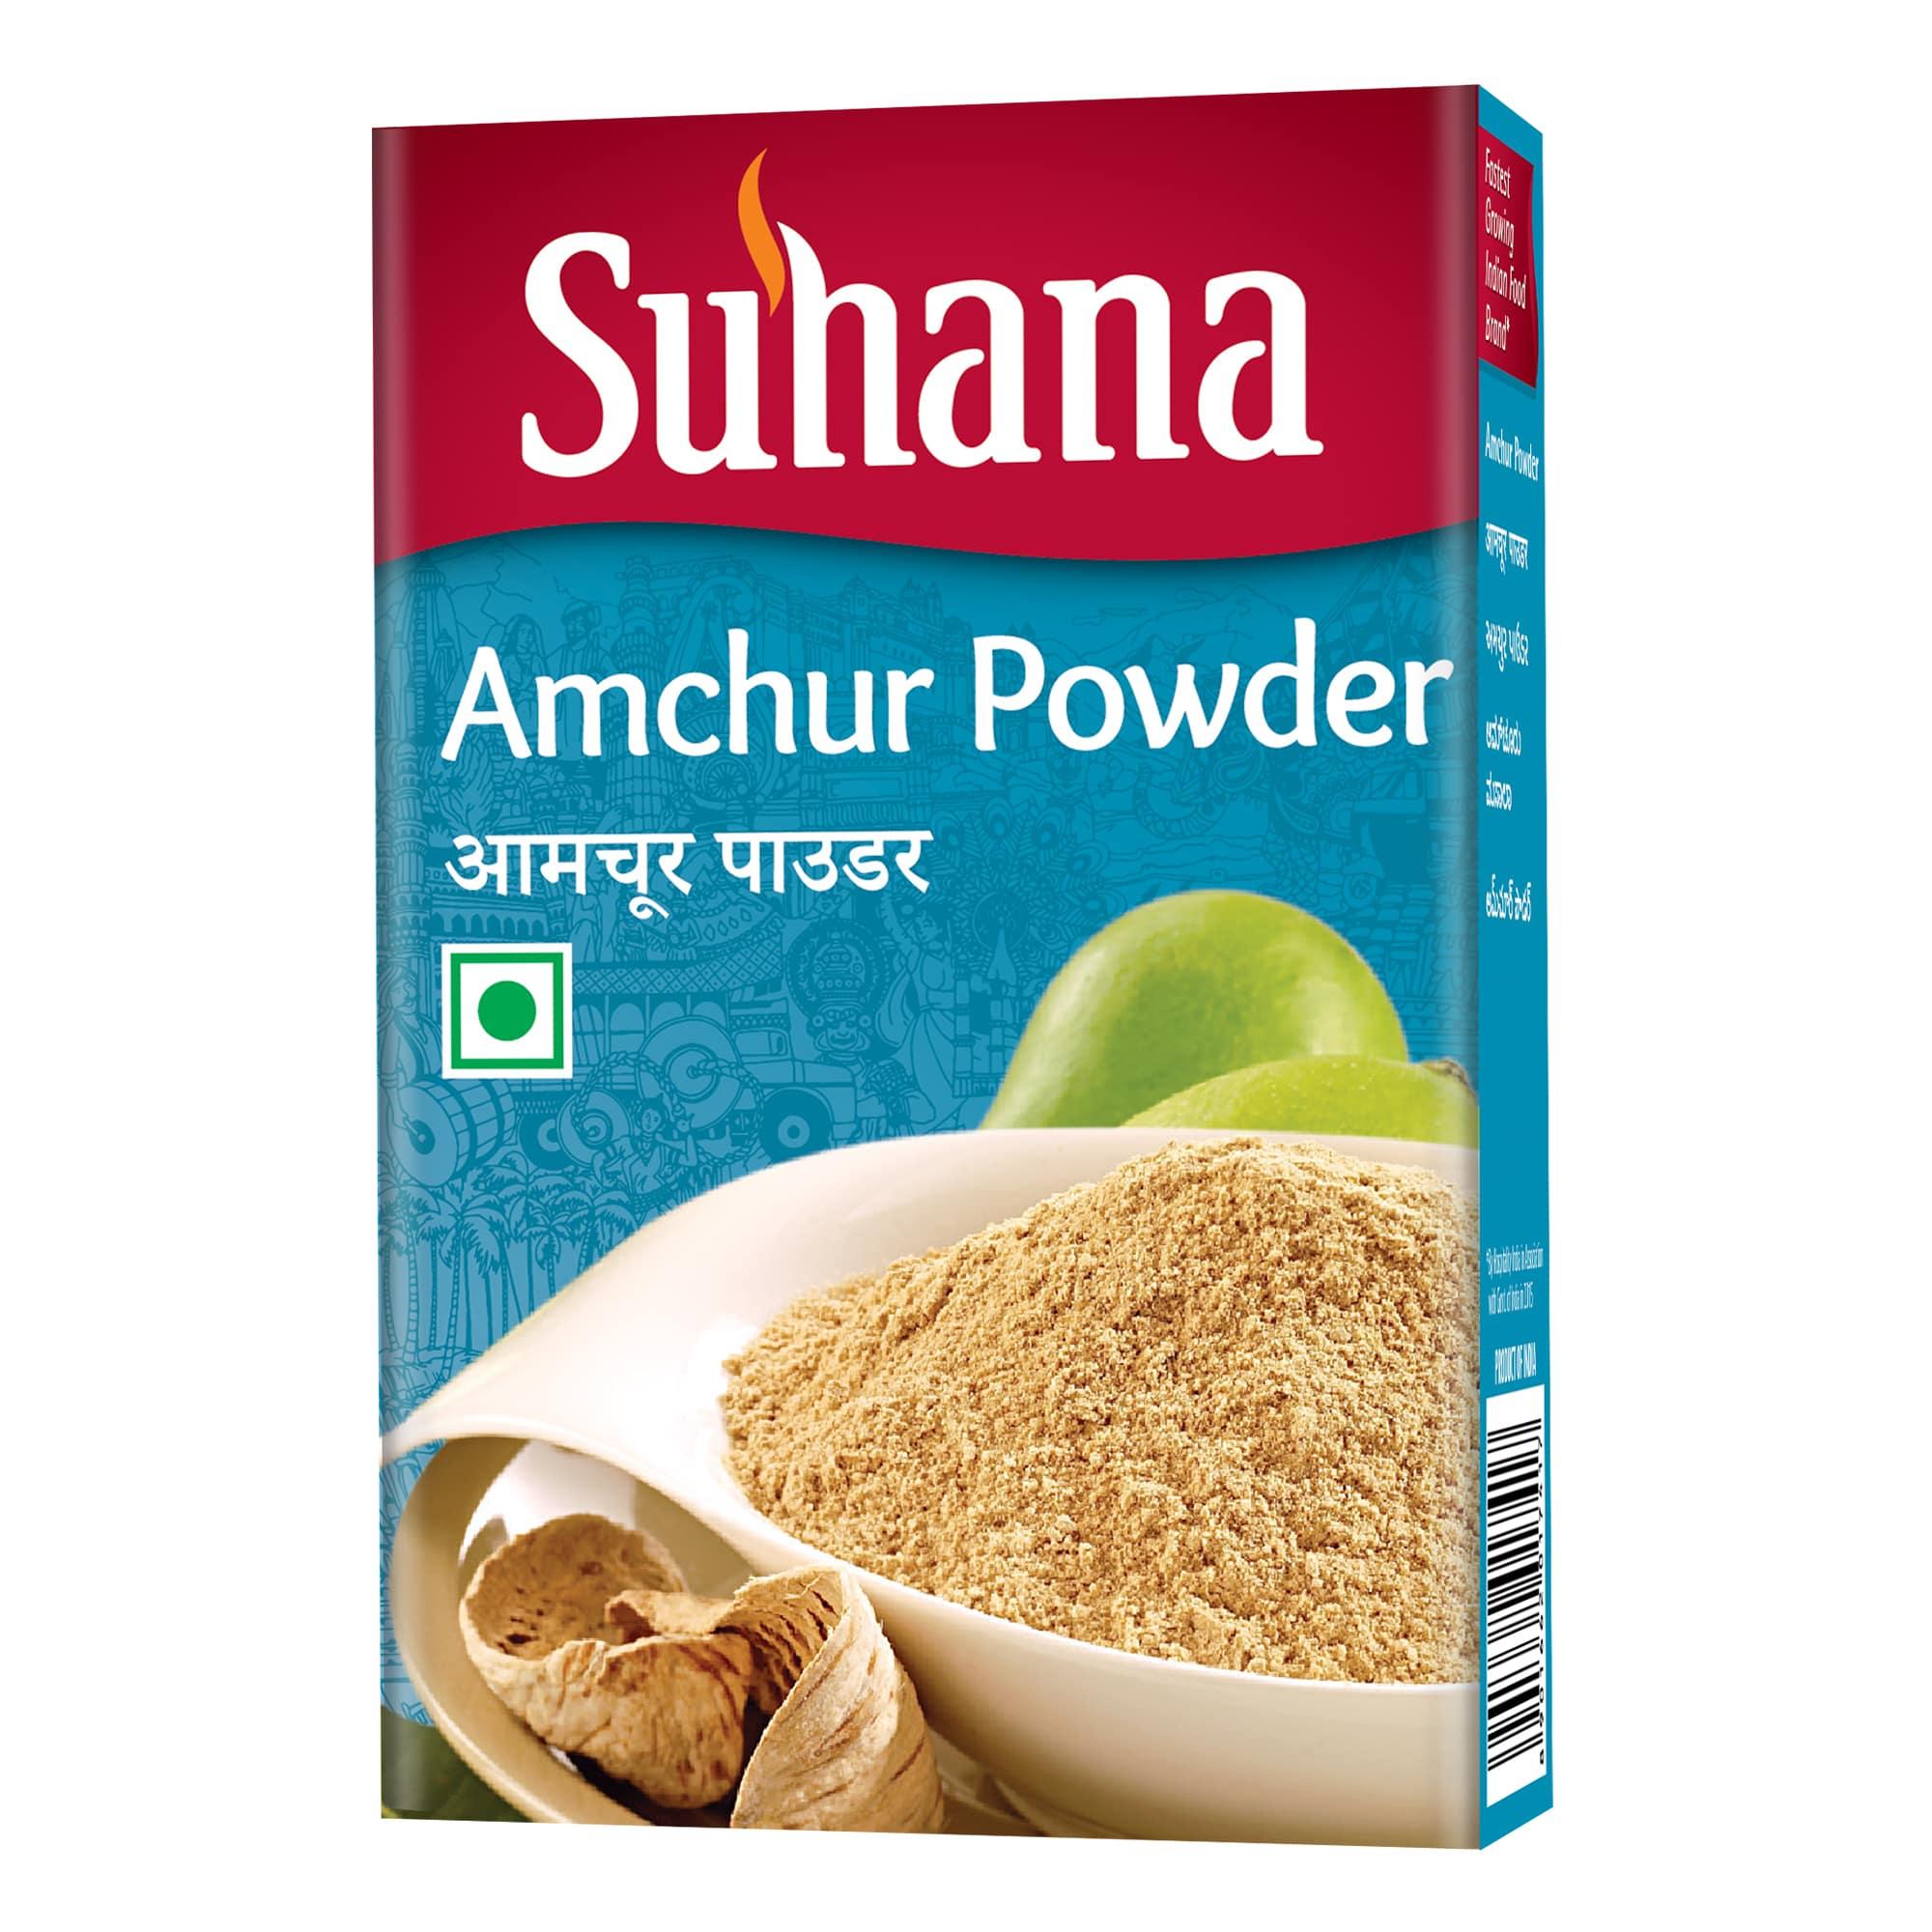 Suhana Amchur Powder 50 g Box